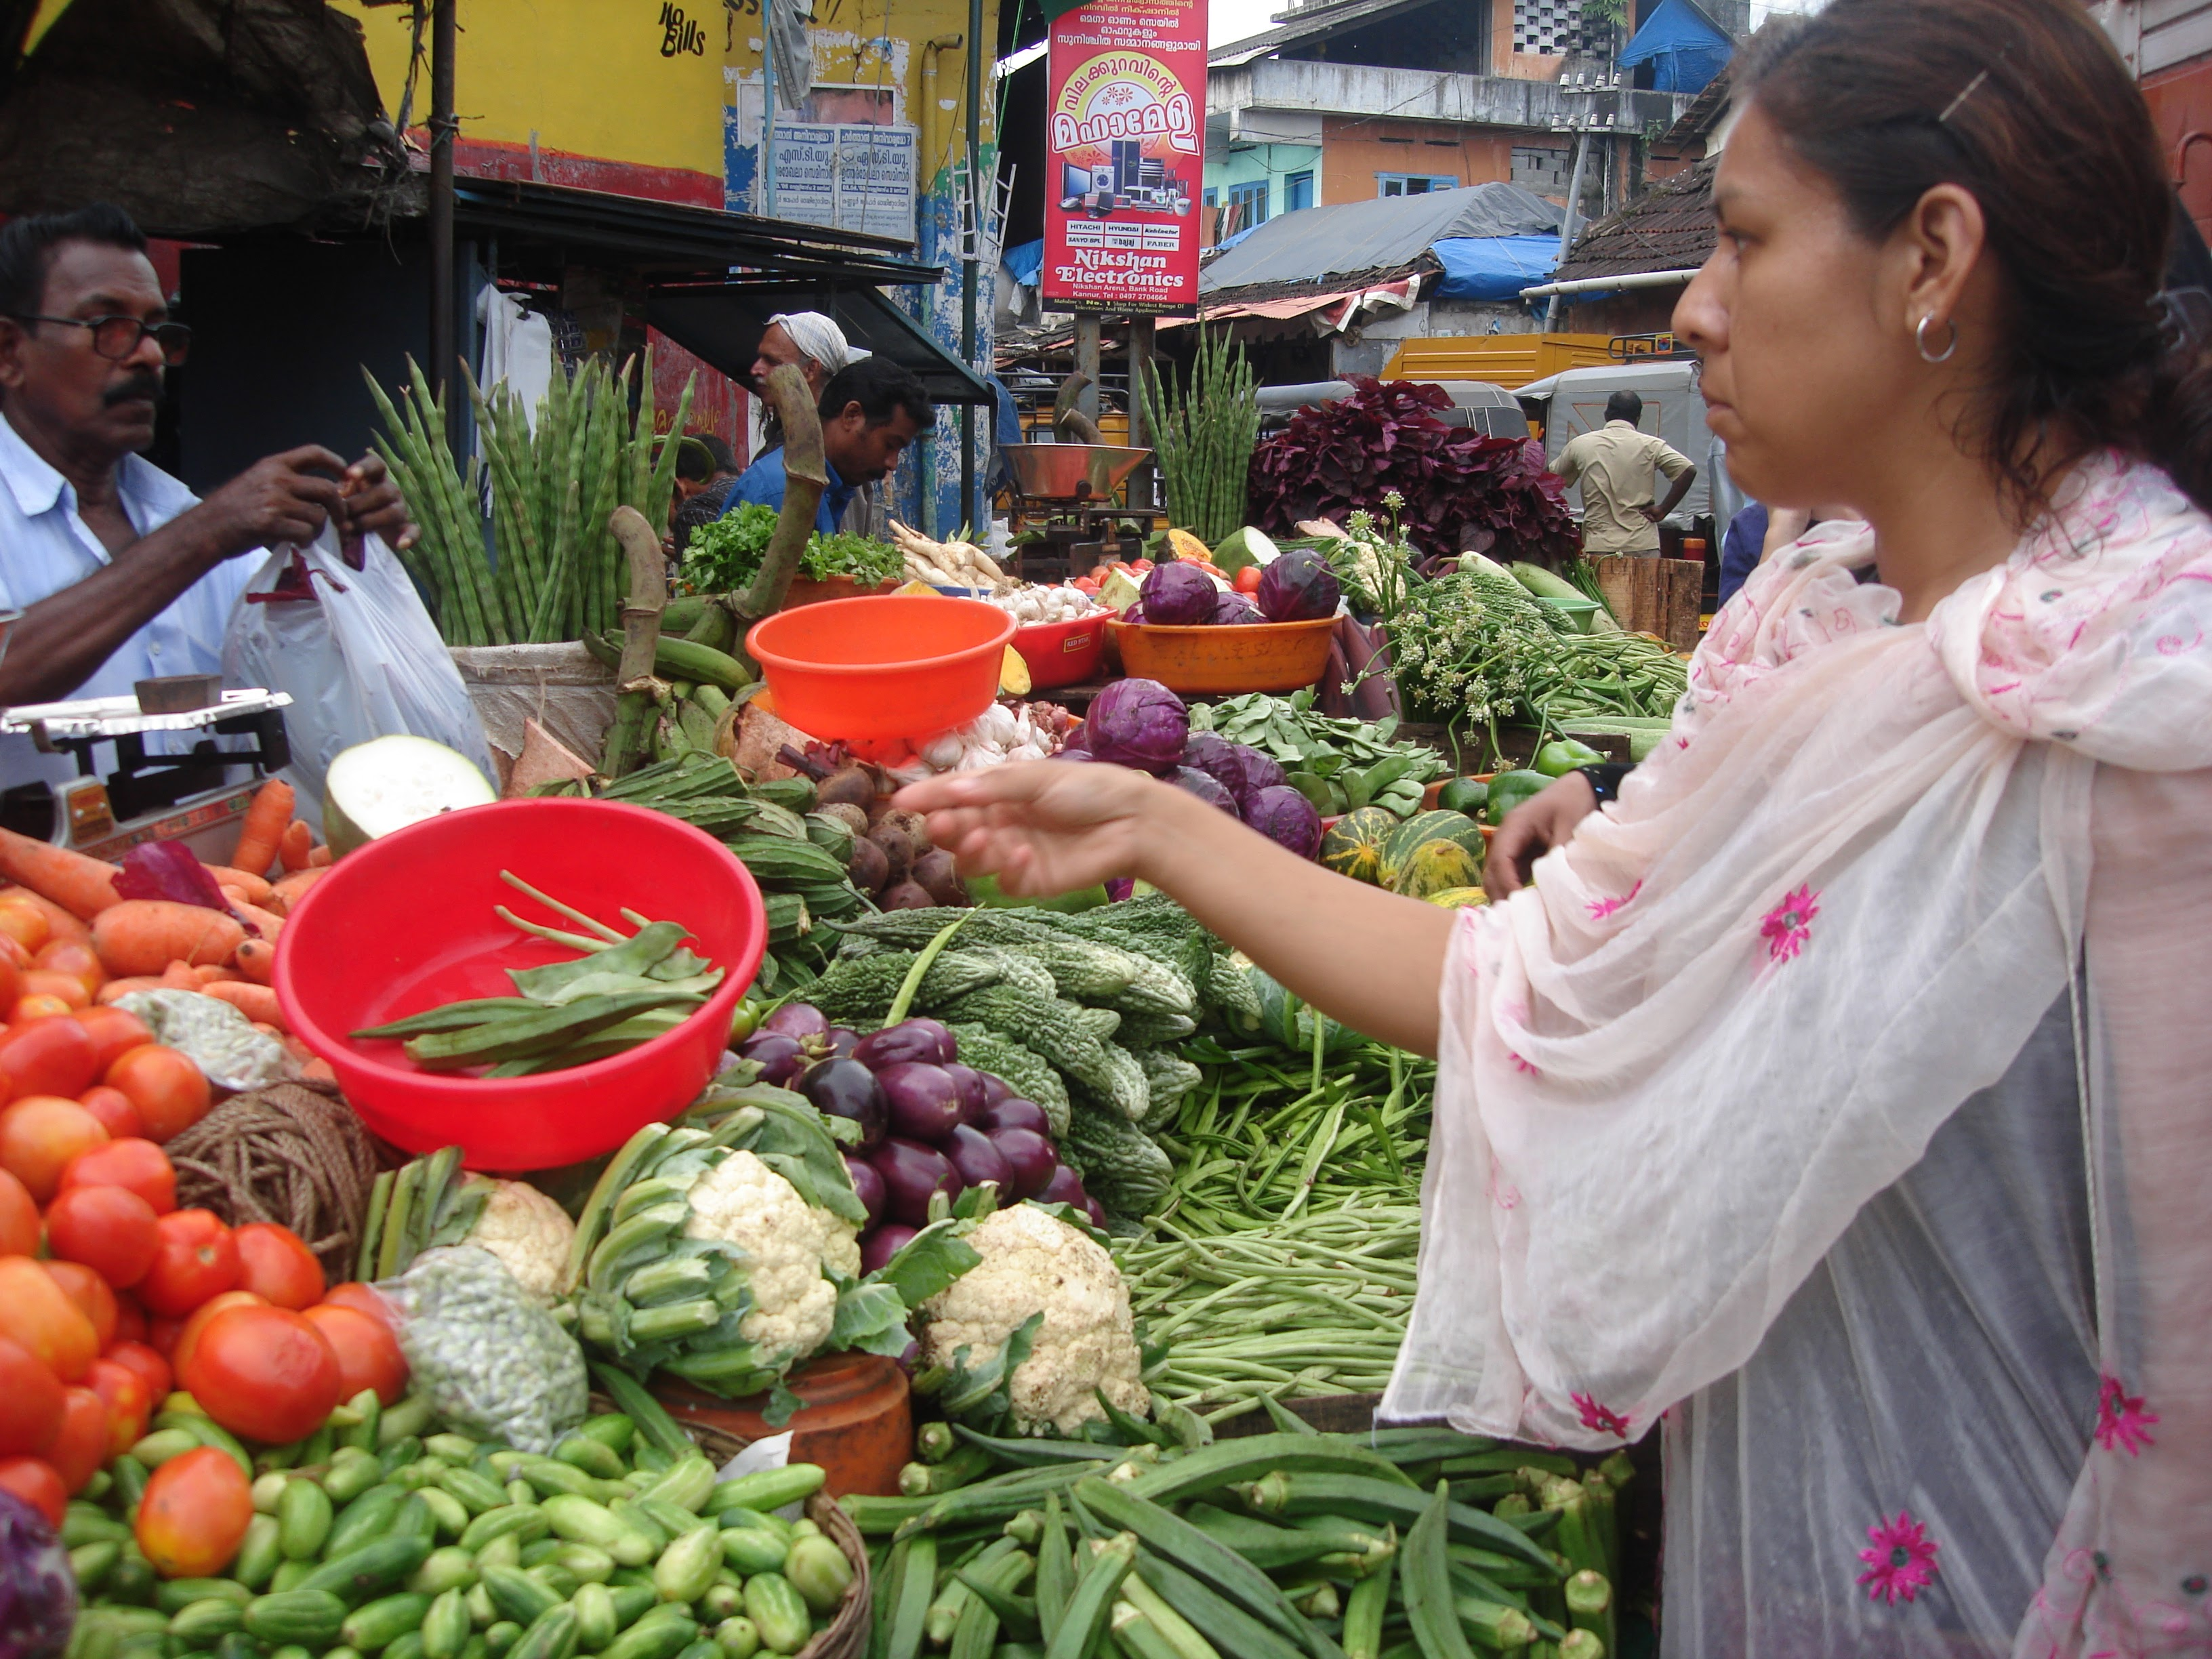 カヌールの市場。野菜売り